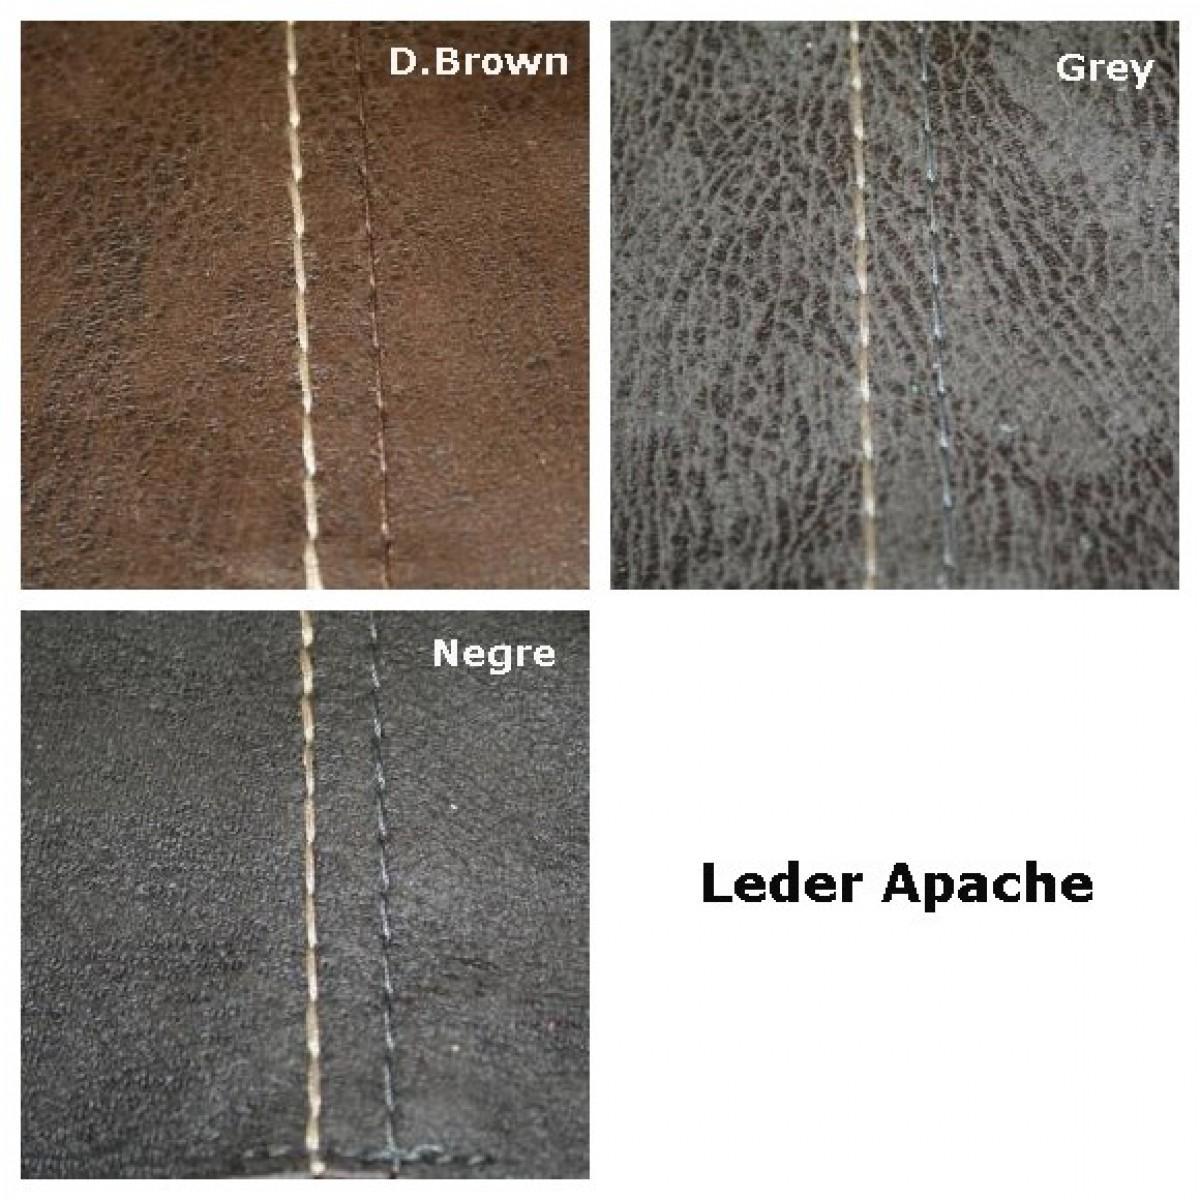 lederstalen_ecoleder_apache